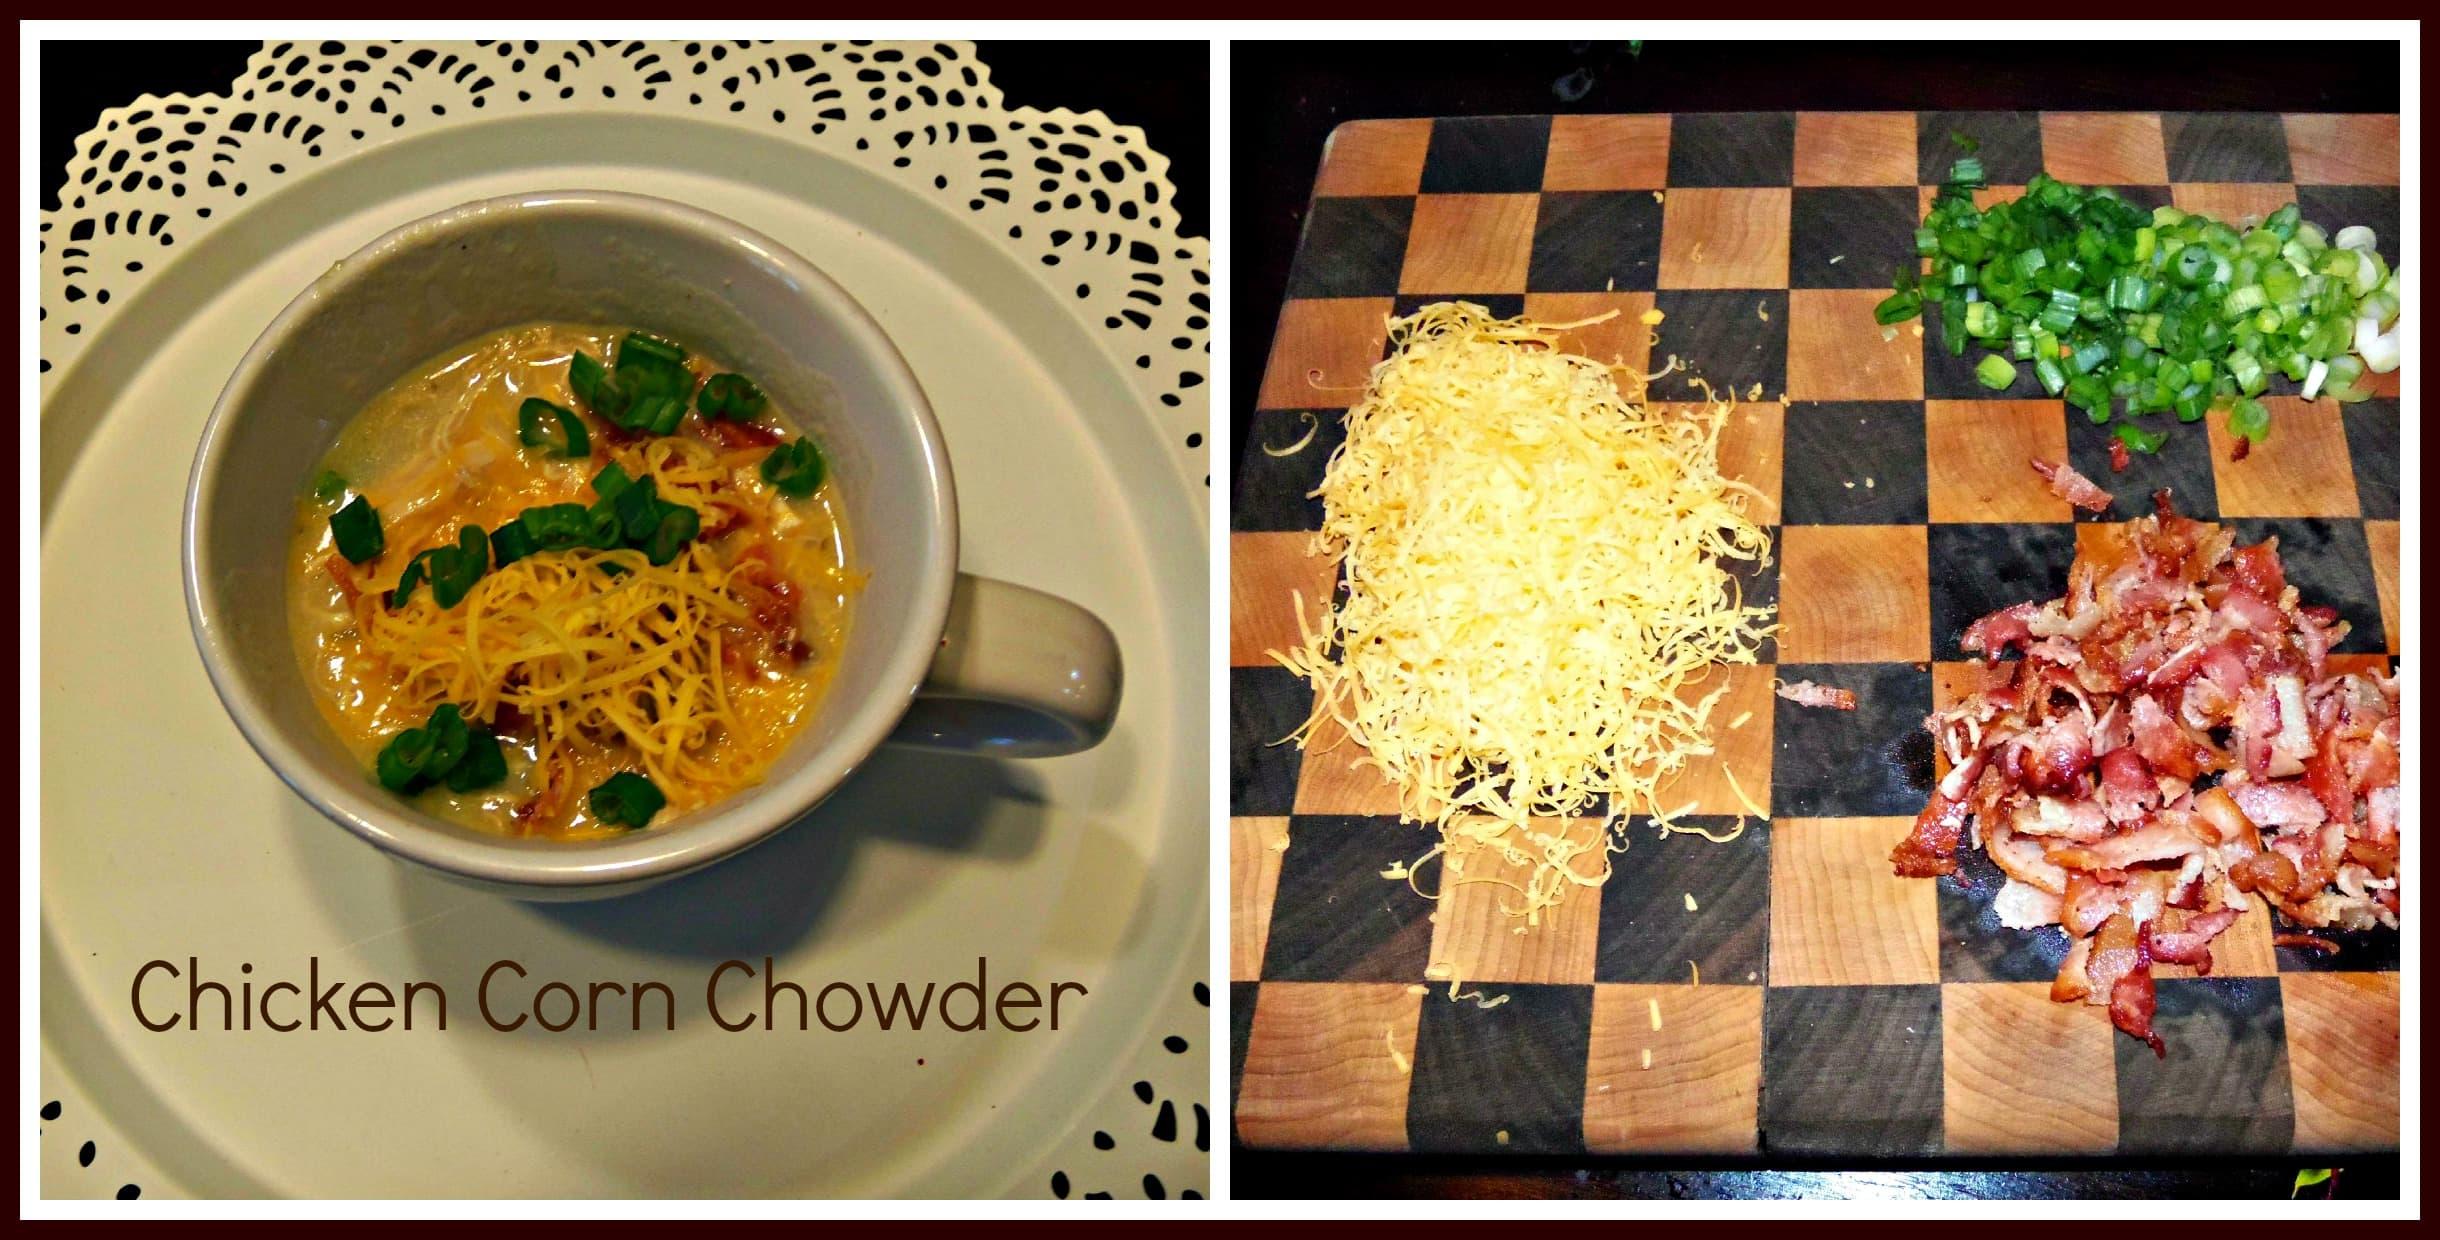 Chicken Corn Chowder Collage